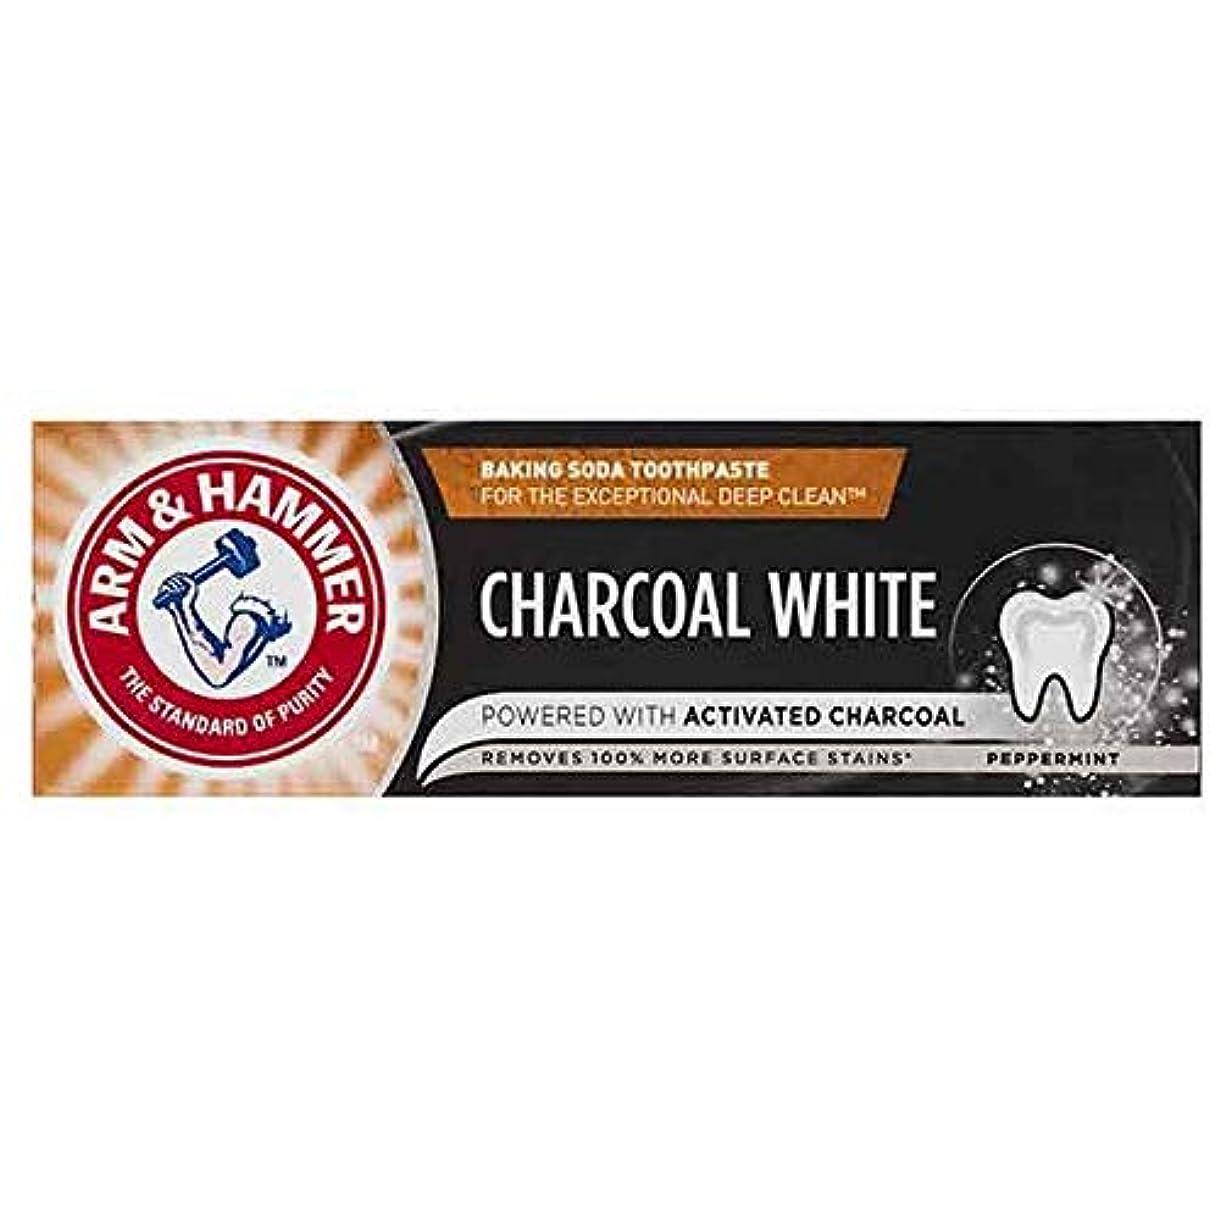 認可武器気味の悪い[Arm & Hammer ] アーム&ハンマー炭白い歯磨き粉25ミリリットル - Arm & Hammer Charcoal White Toothpaste 25ml [並行輸入品]